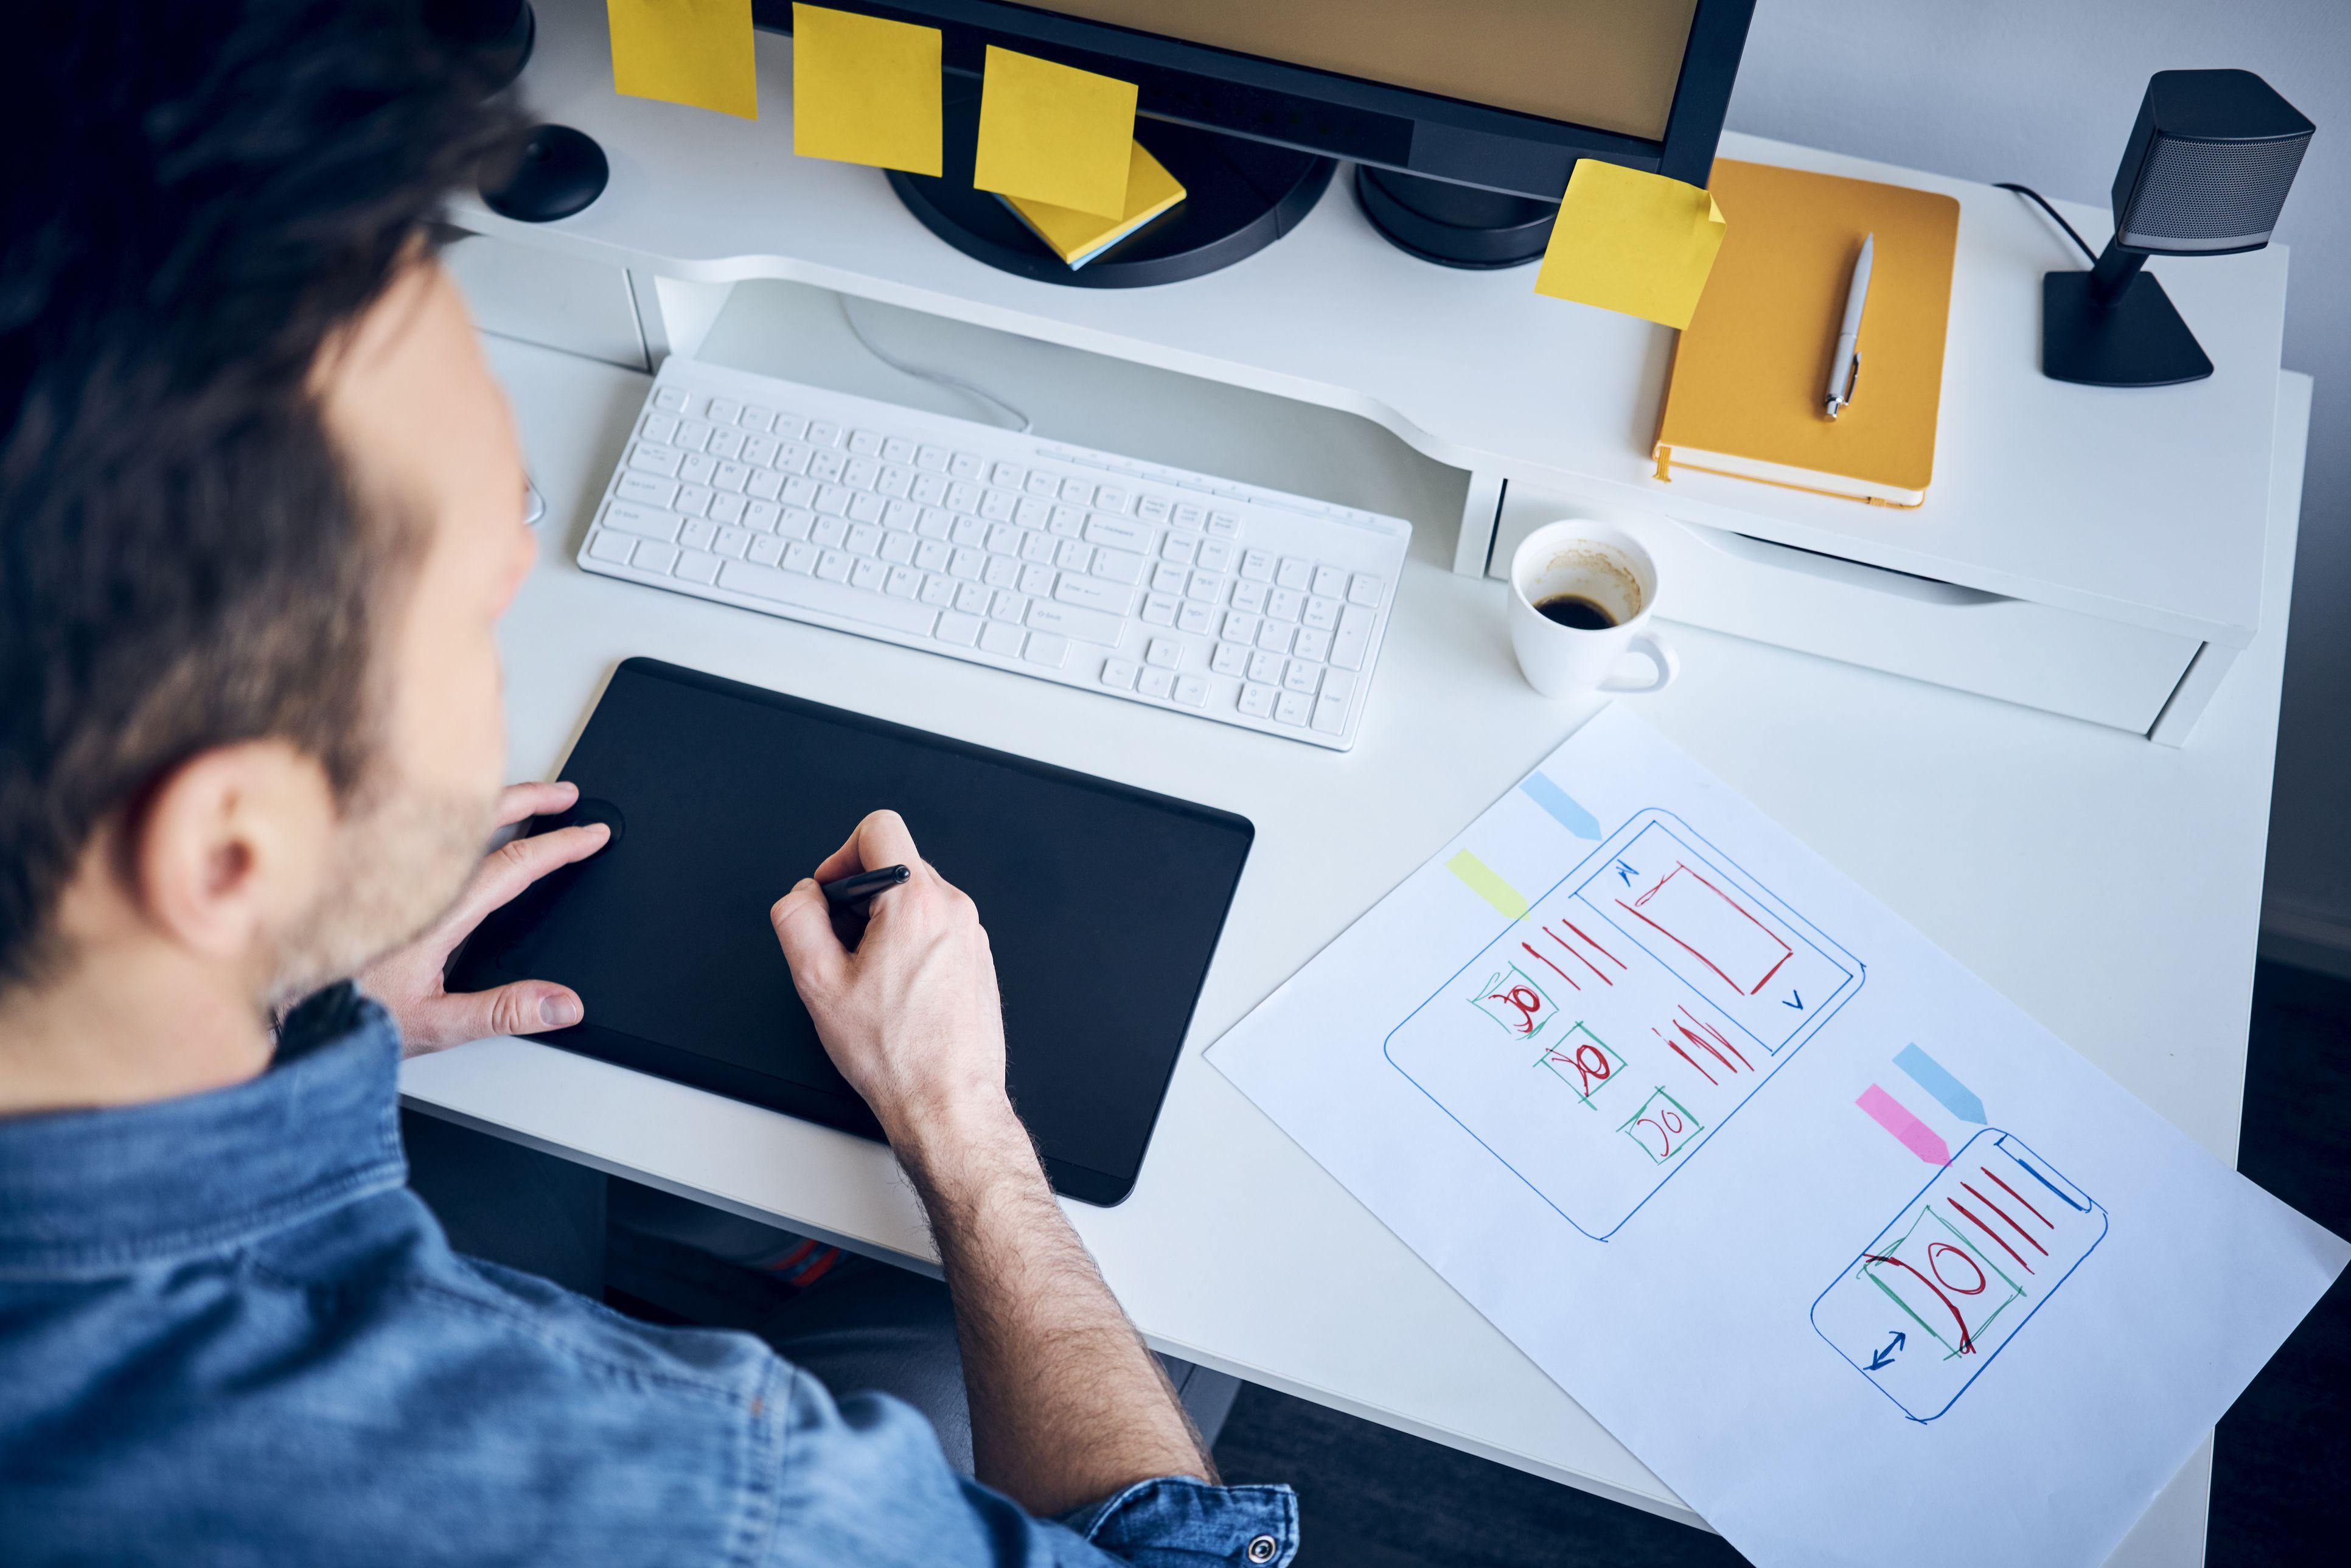 Web Design Jobs Outlook Through 2022